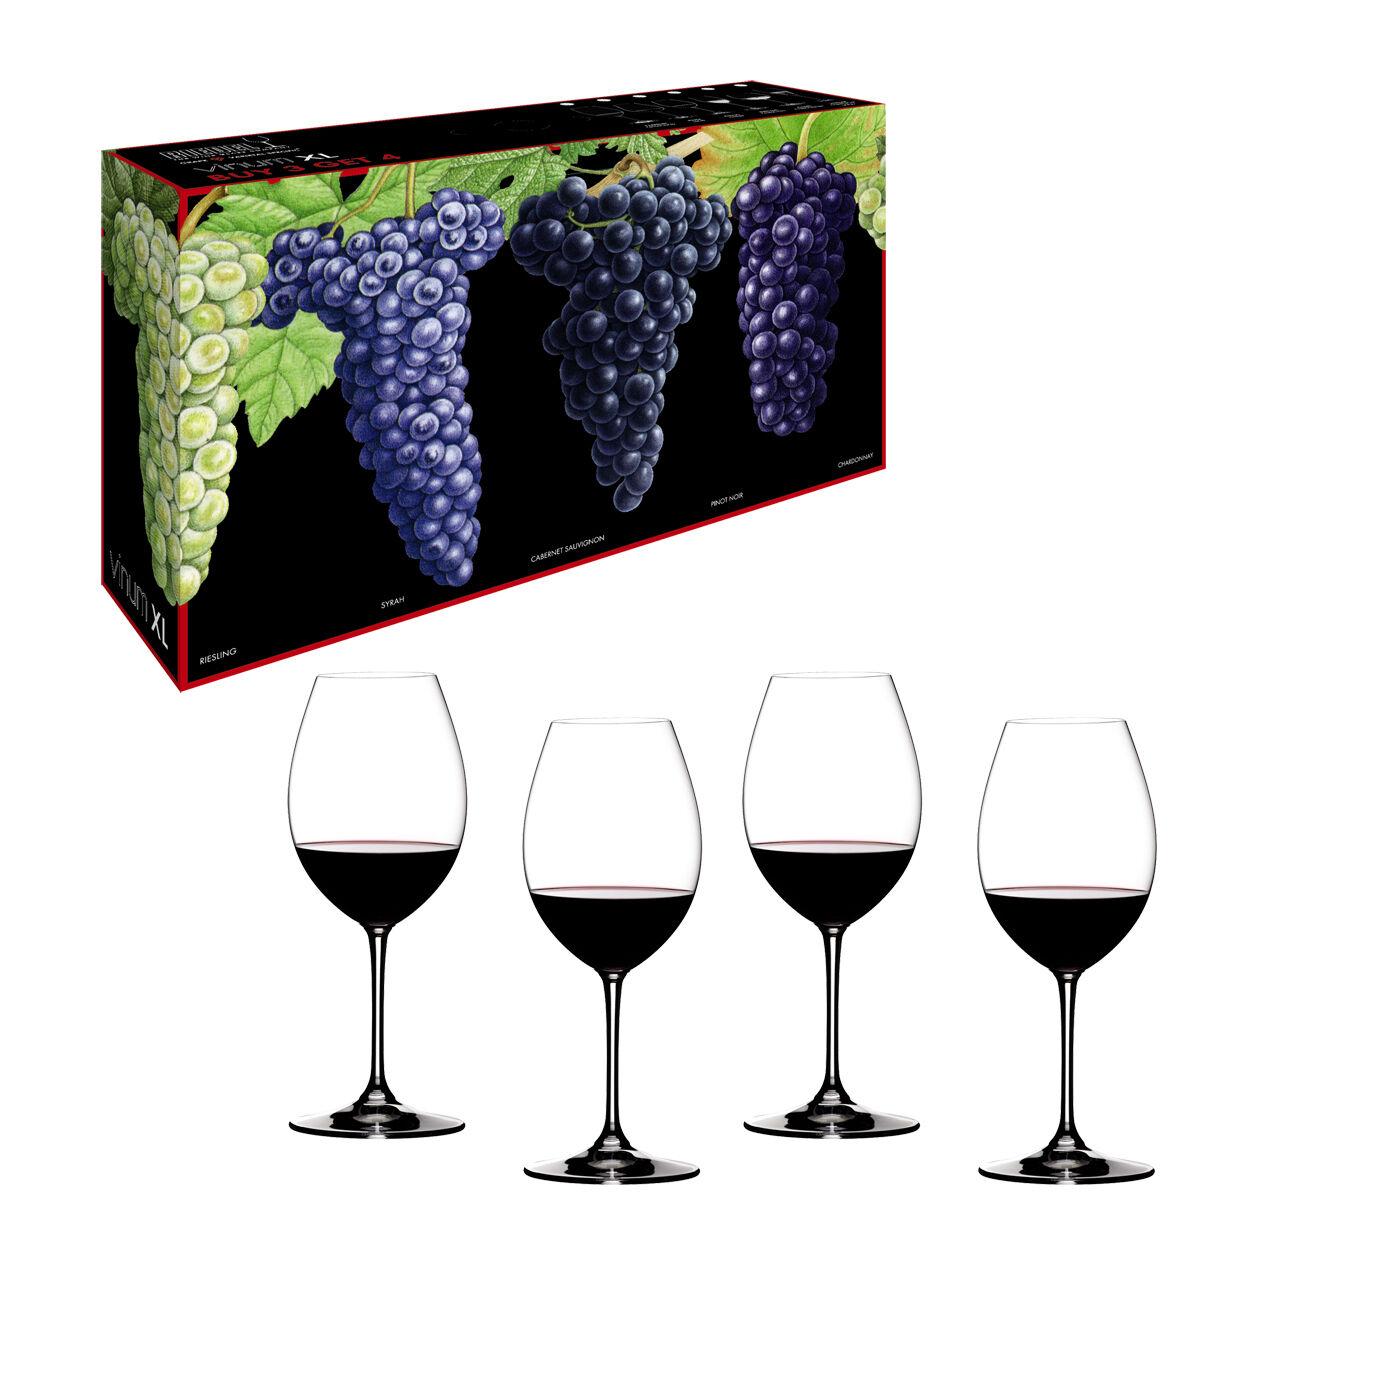 Riedel Vinum XL Syrah Shiraz Pay 3 Get 4 Glasses